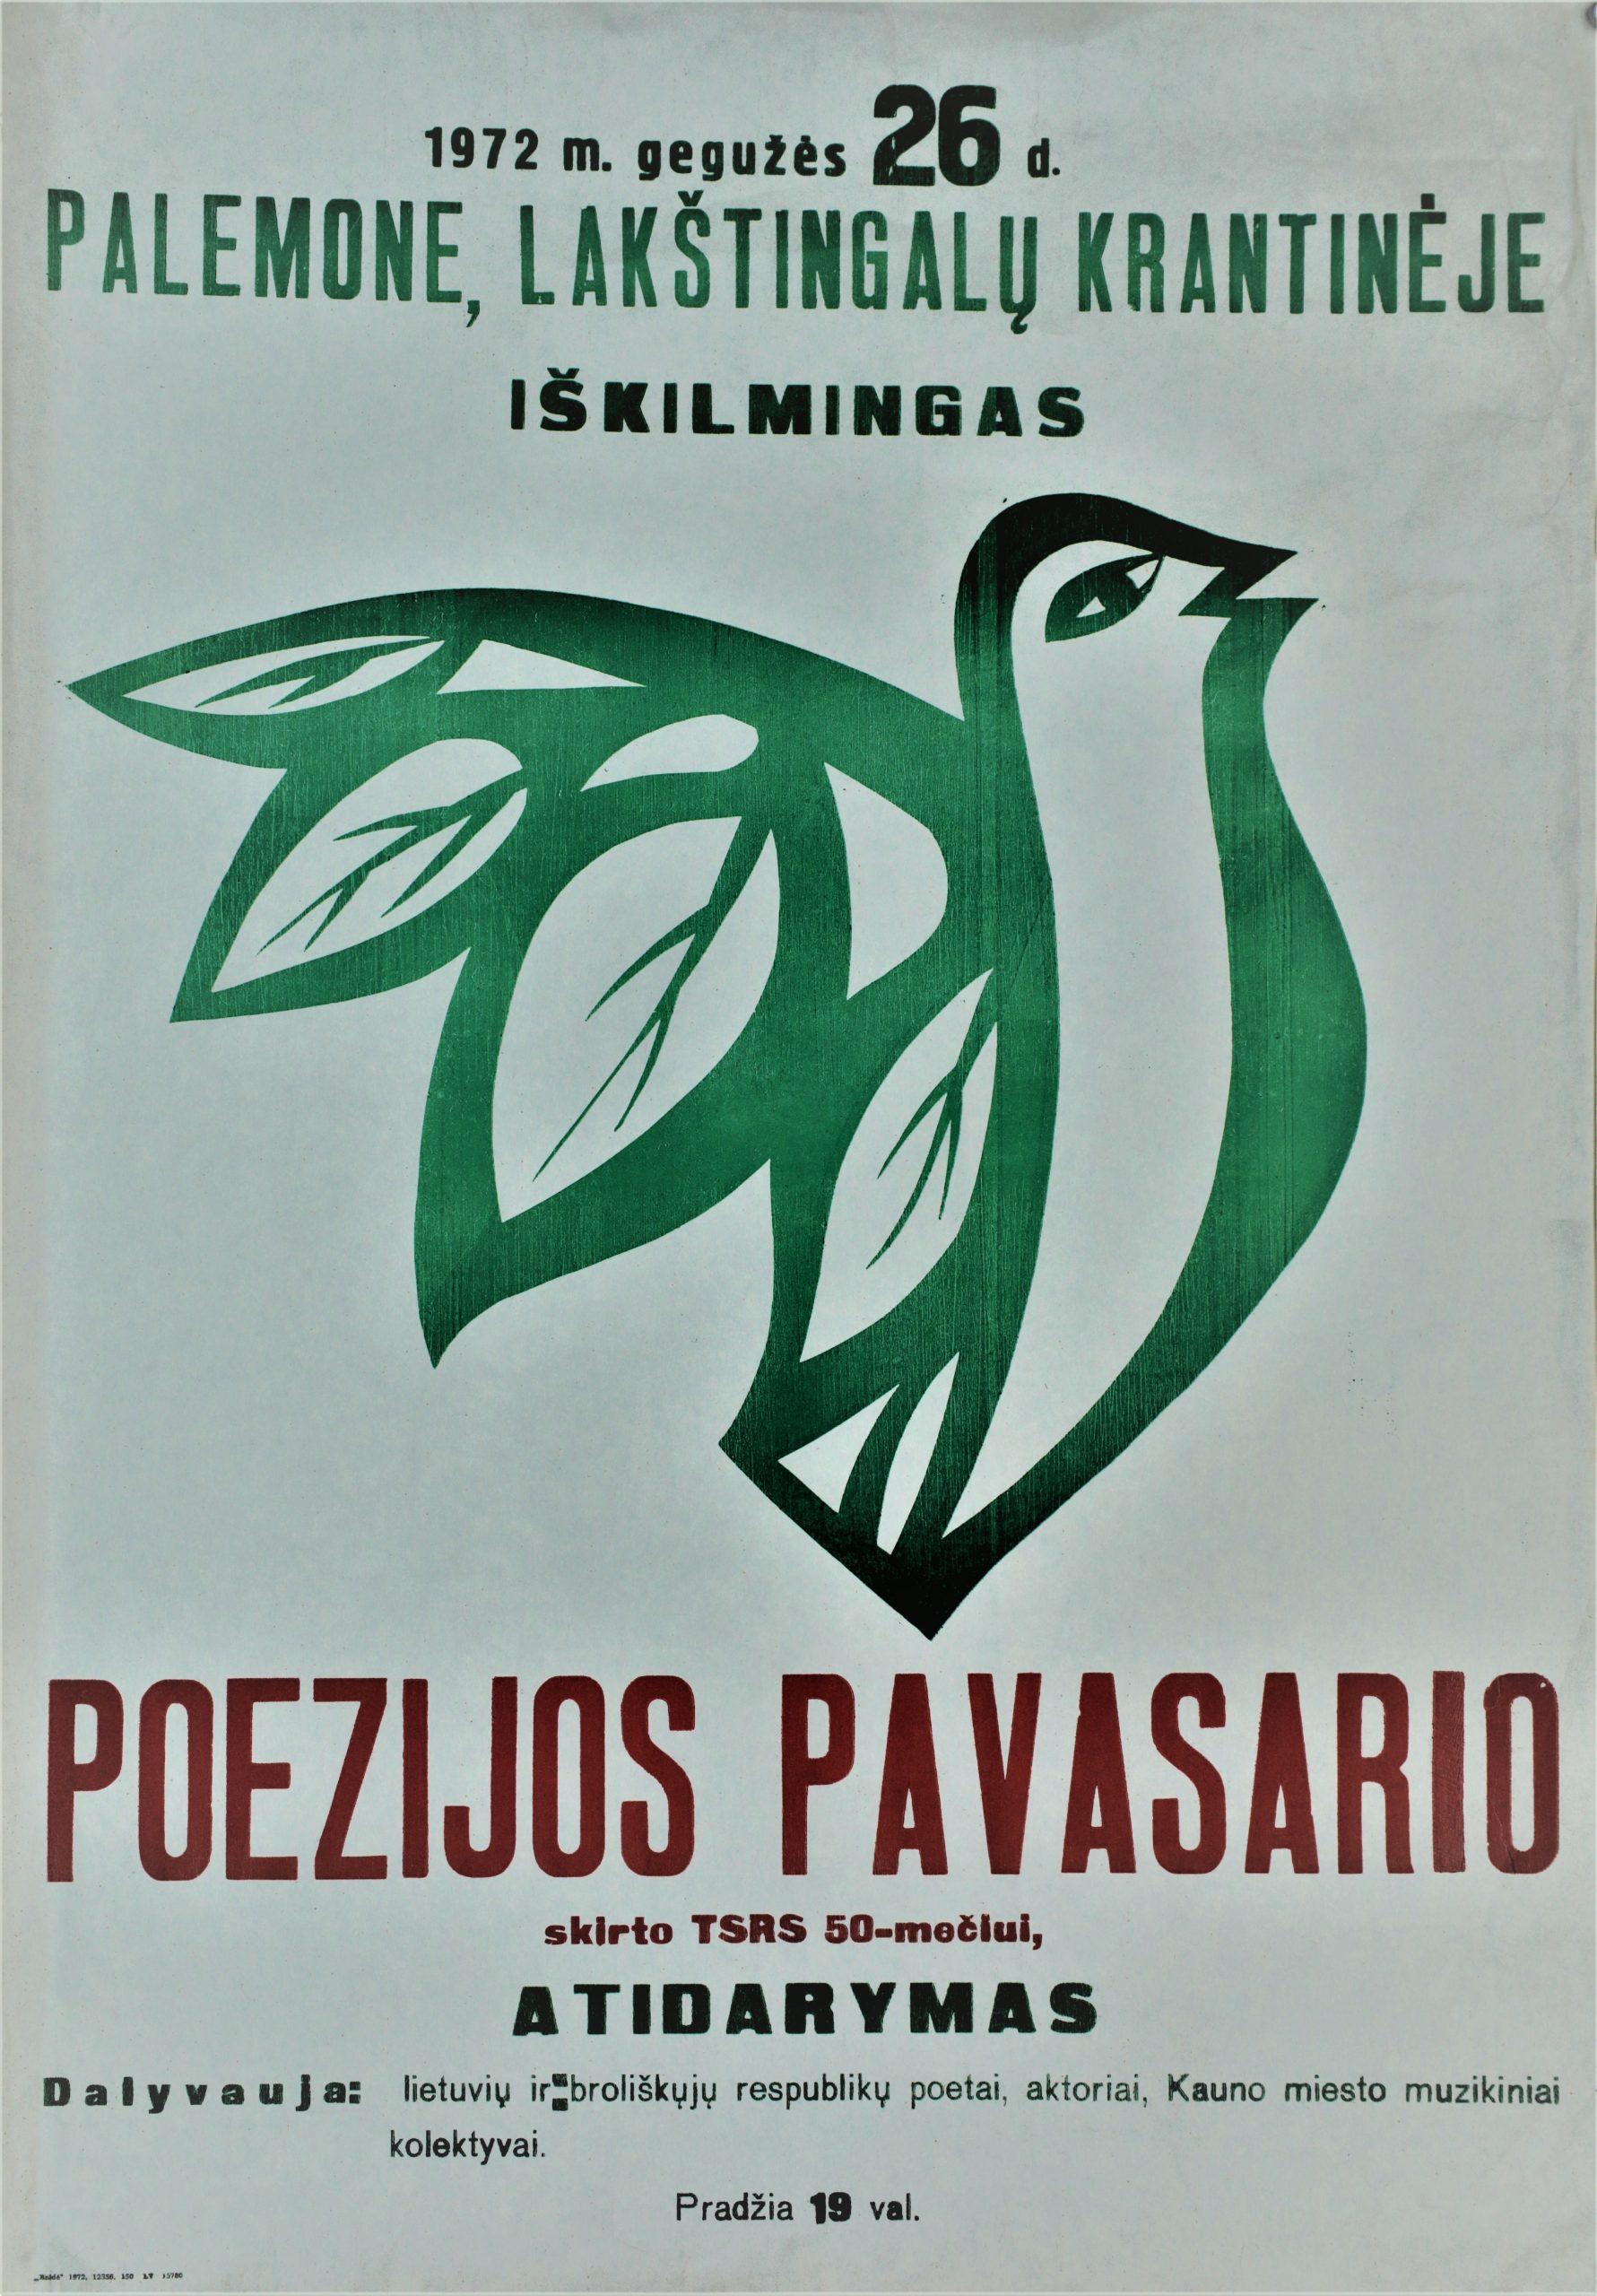 Poezijos pavasaris, 1972 m.